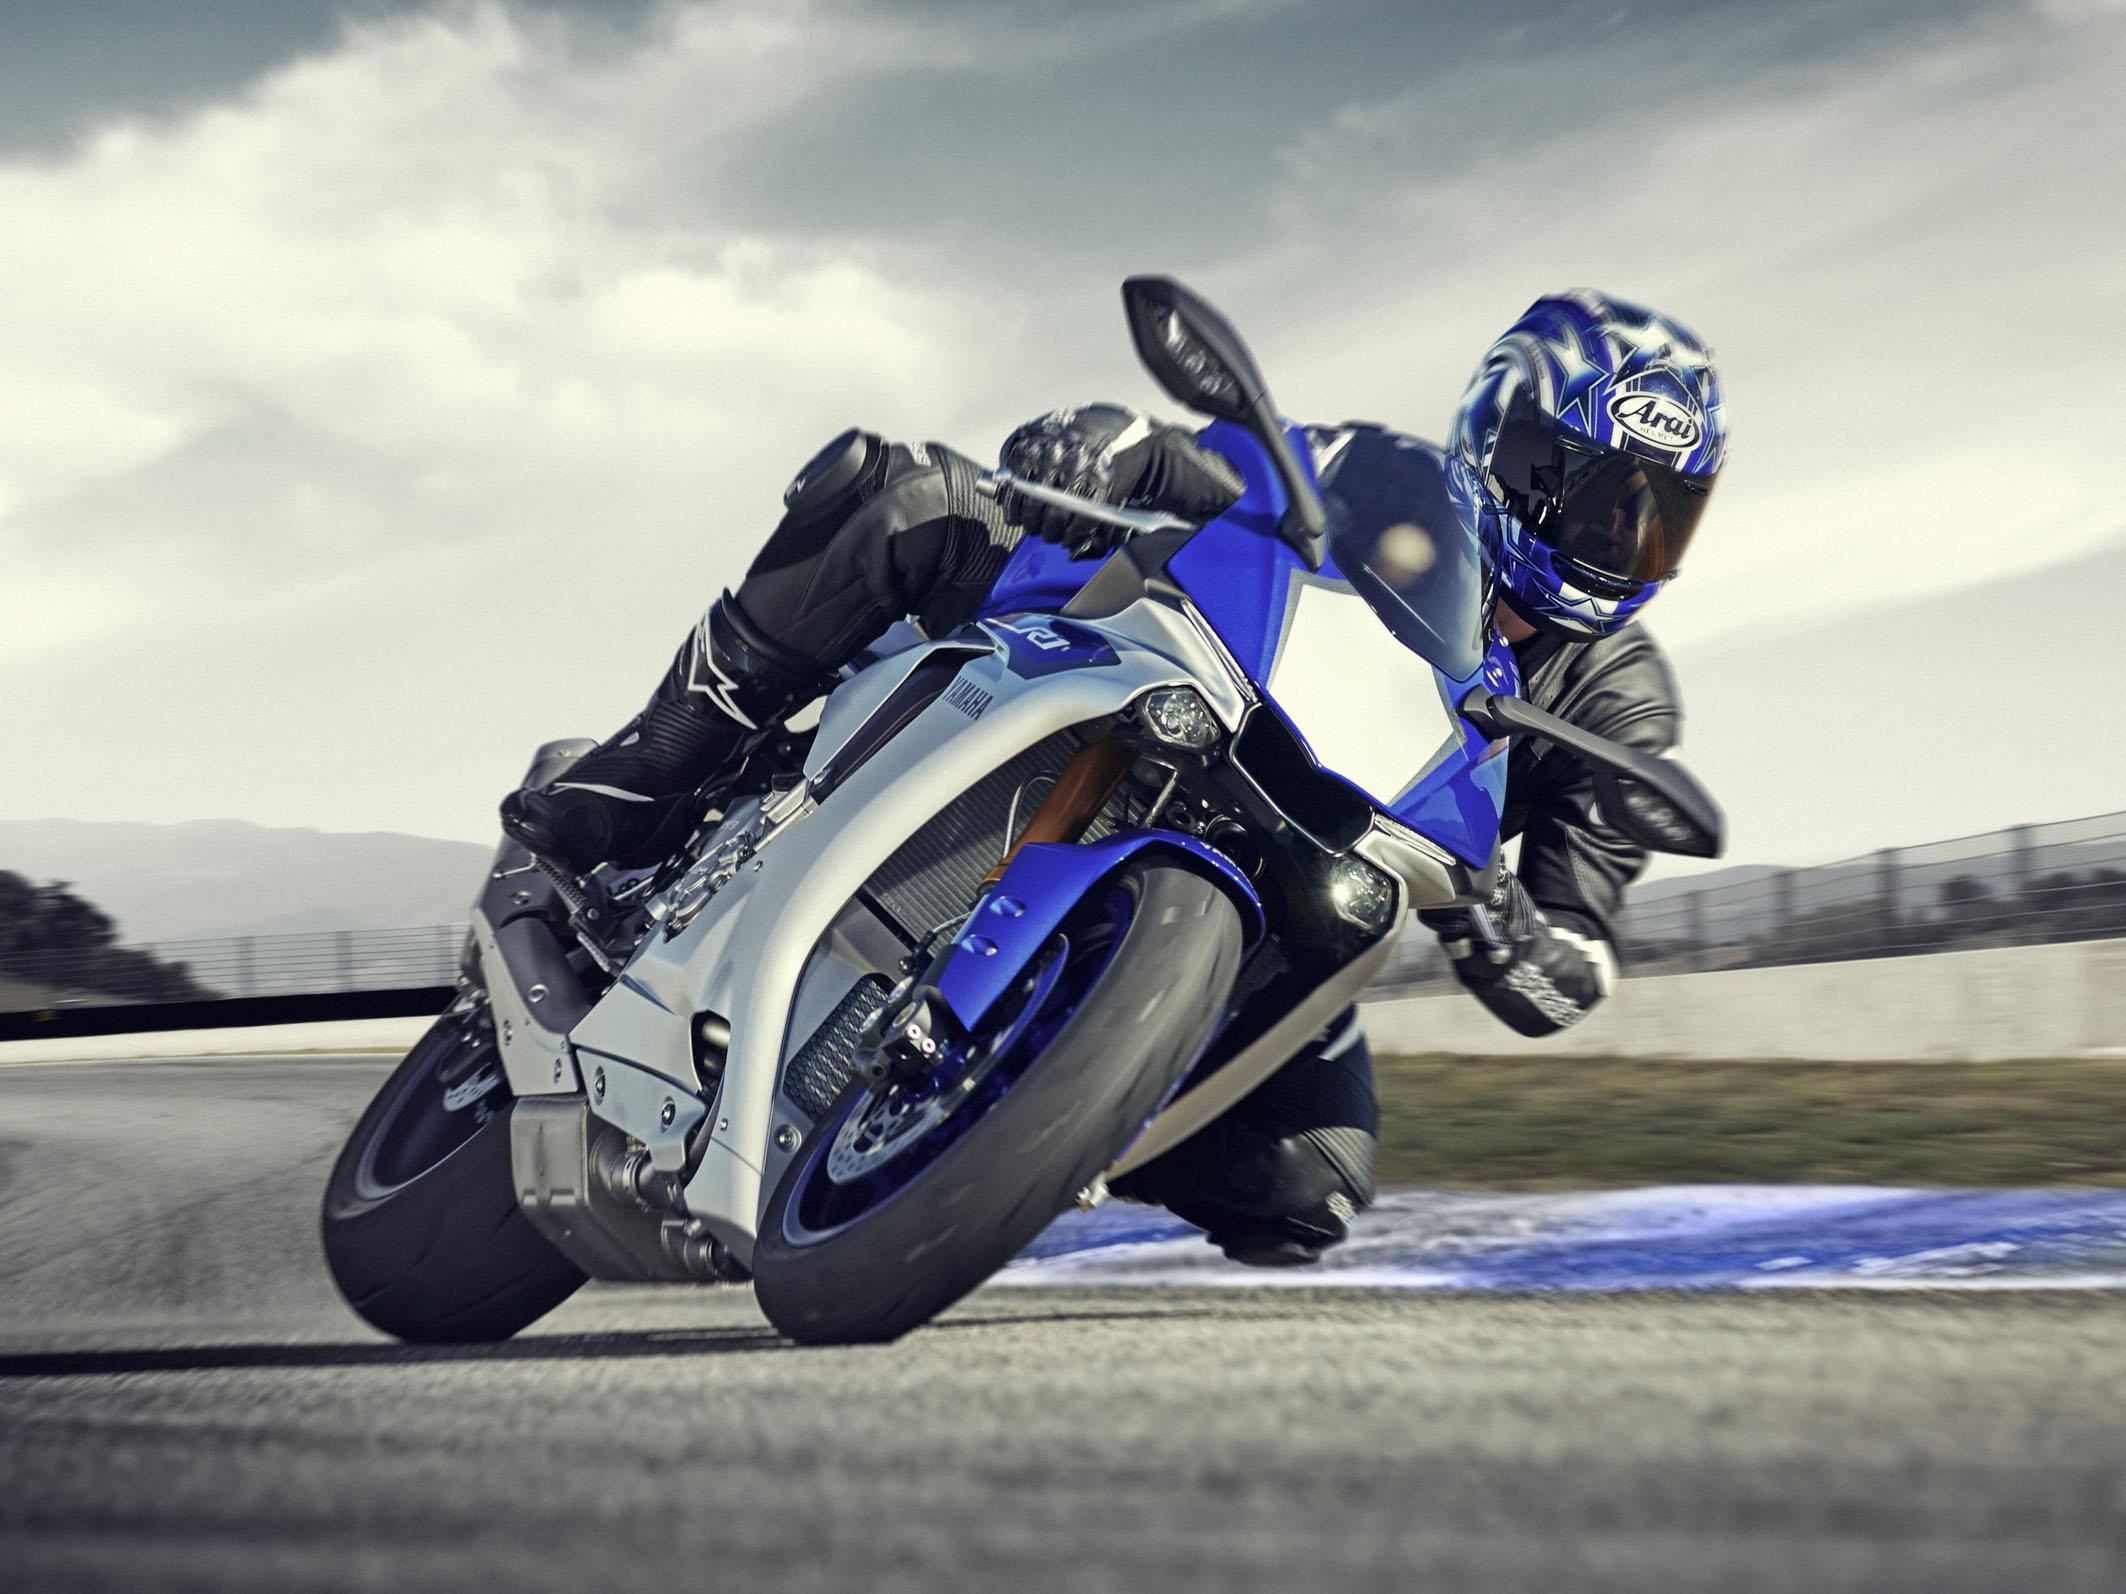 Nova Yamaha R1 E Vendida A Partir De R 125 990 Blog Da Infomoto Uol